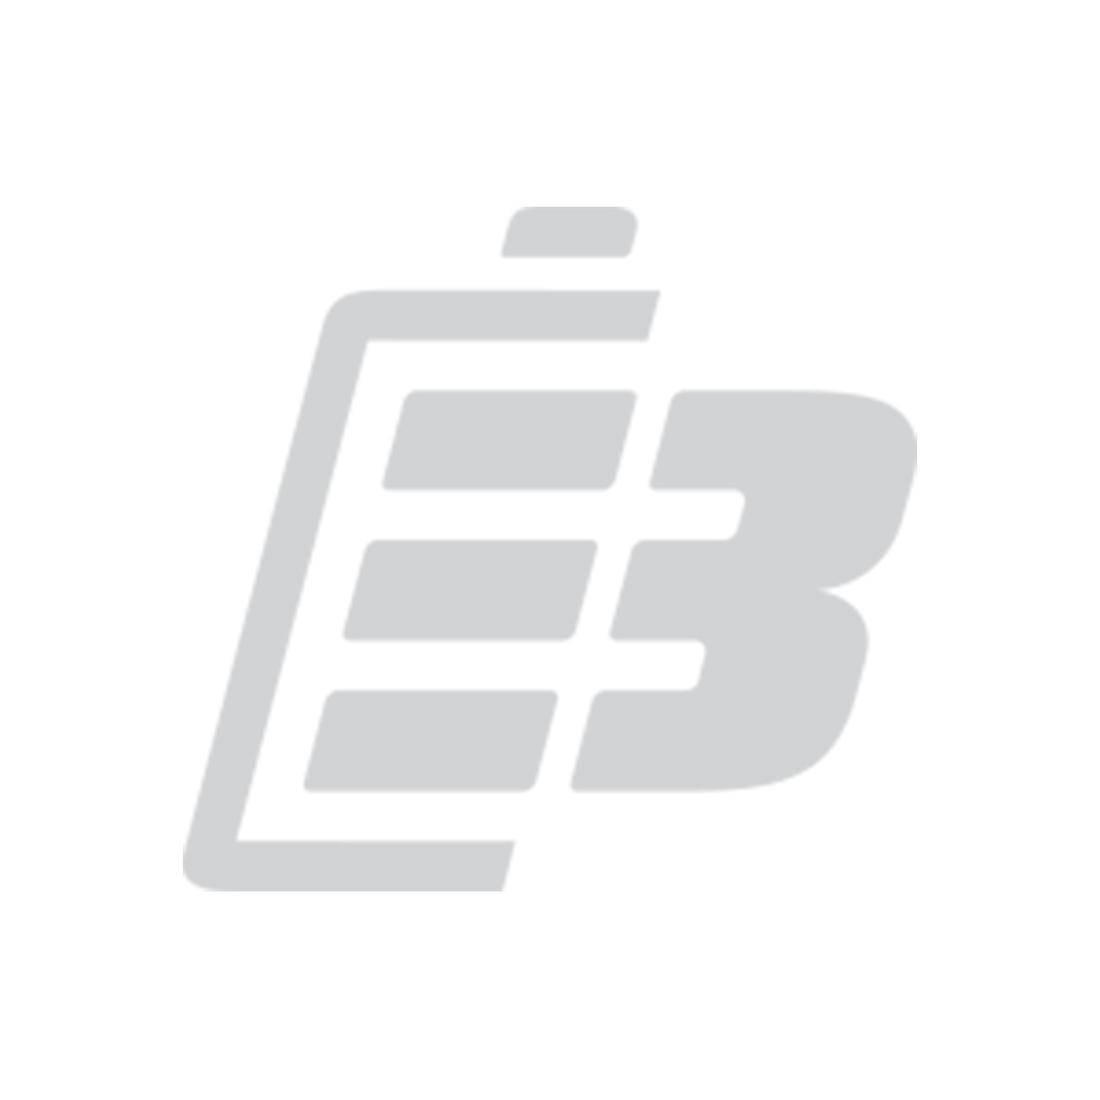 """Μπαταρία Laptop Apple MacBook Pro 17"""" A1297 2009_1"""